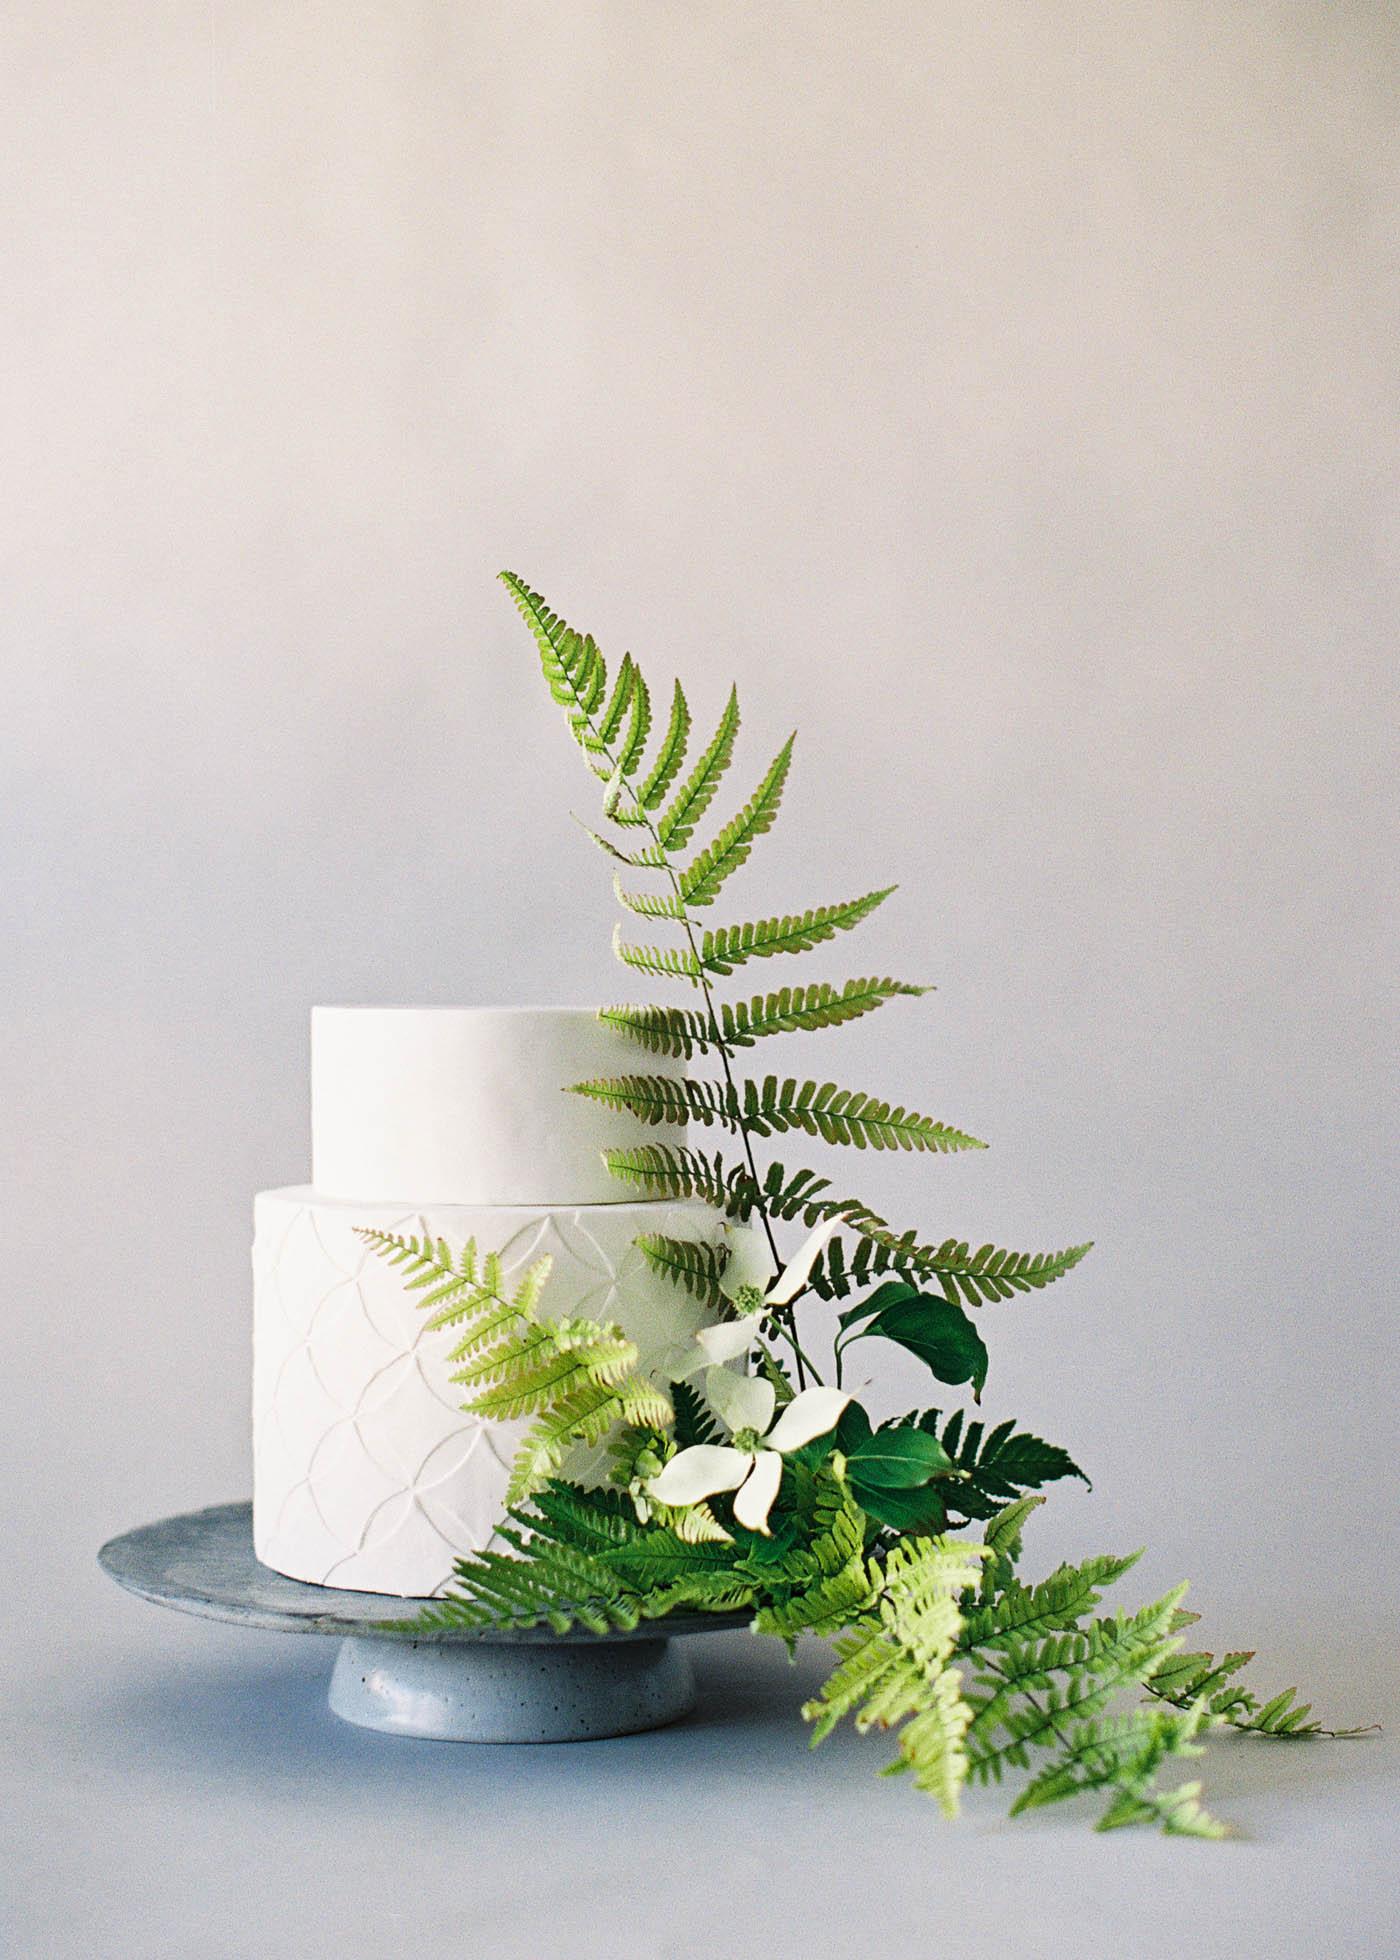 Cake-Favorites-10-Jen_Huang-000486-R1-023-10.jpg